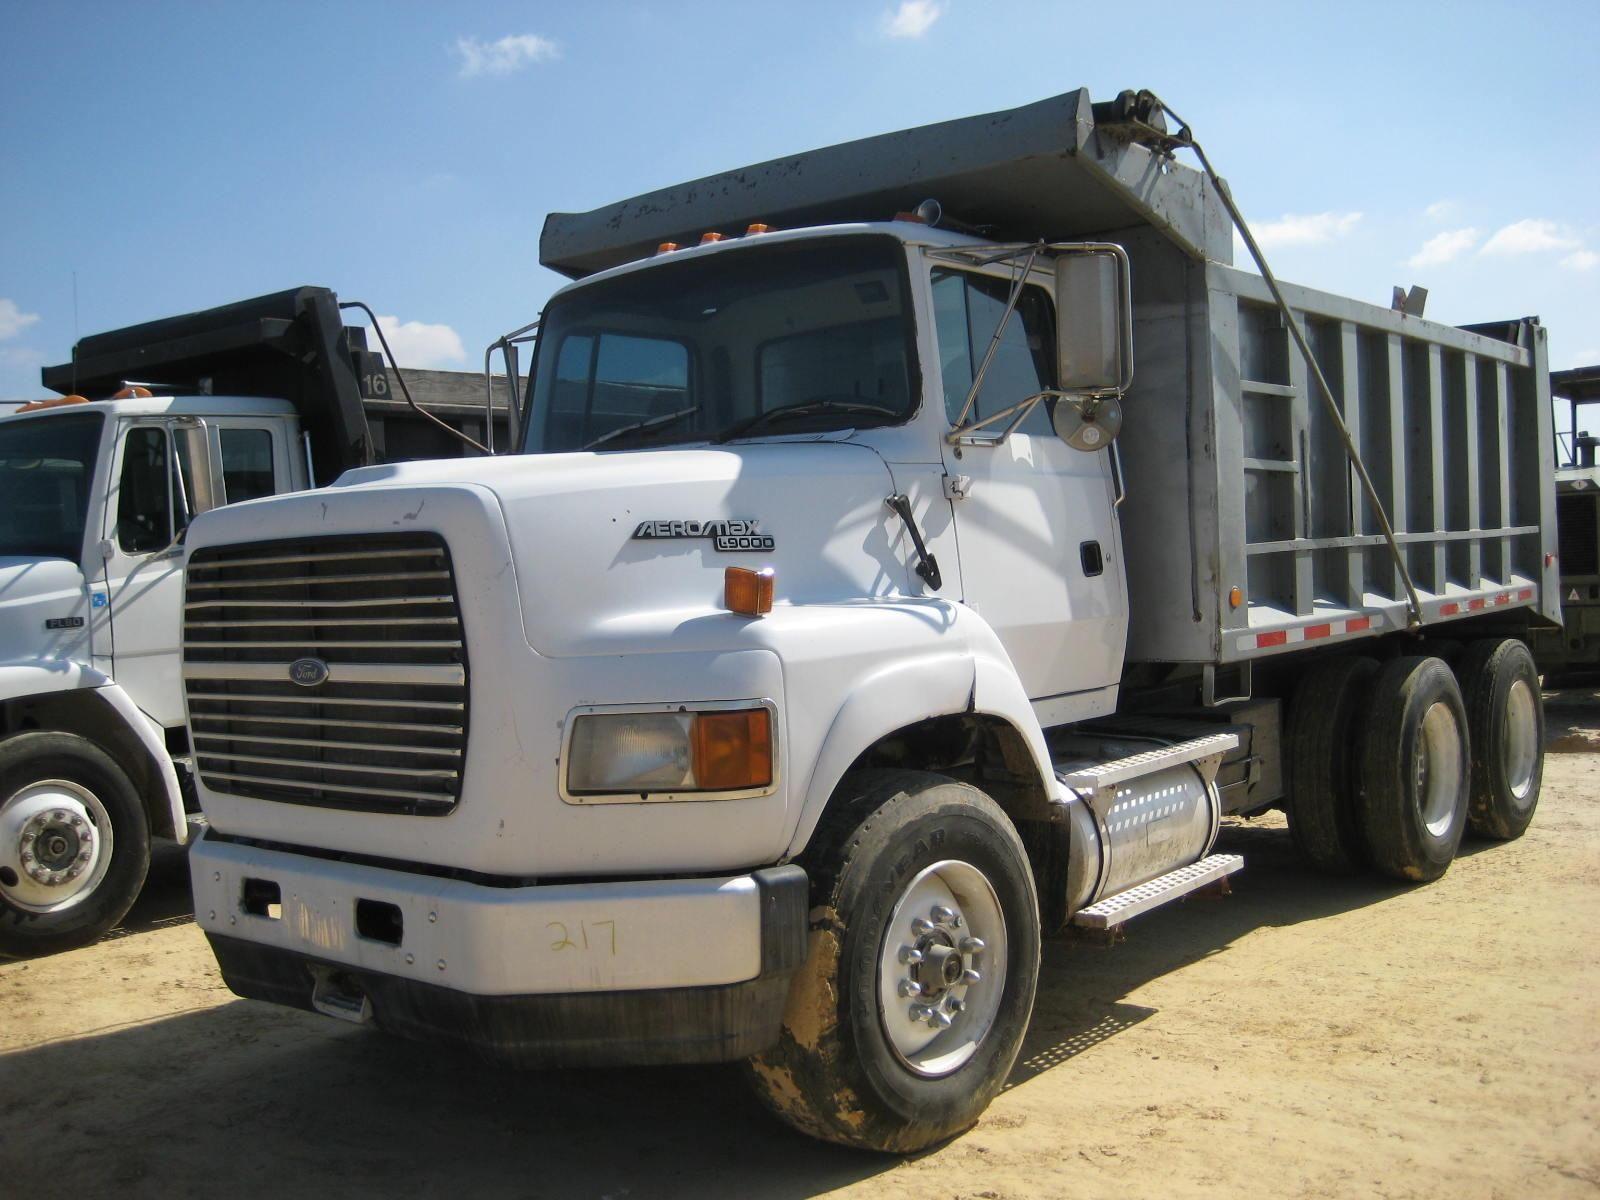 1995 ford l9000 dump truck heavyhauling [ 1600 x 1200 Pixel ]